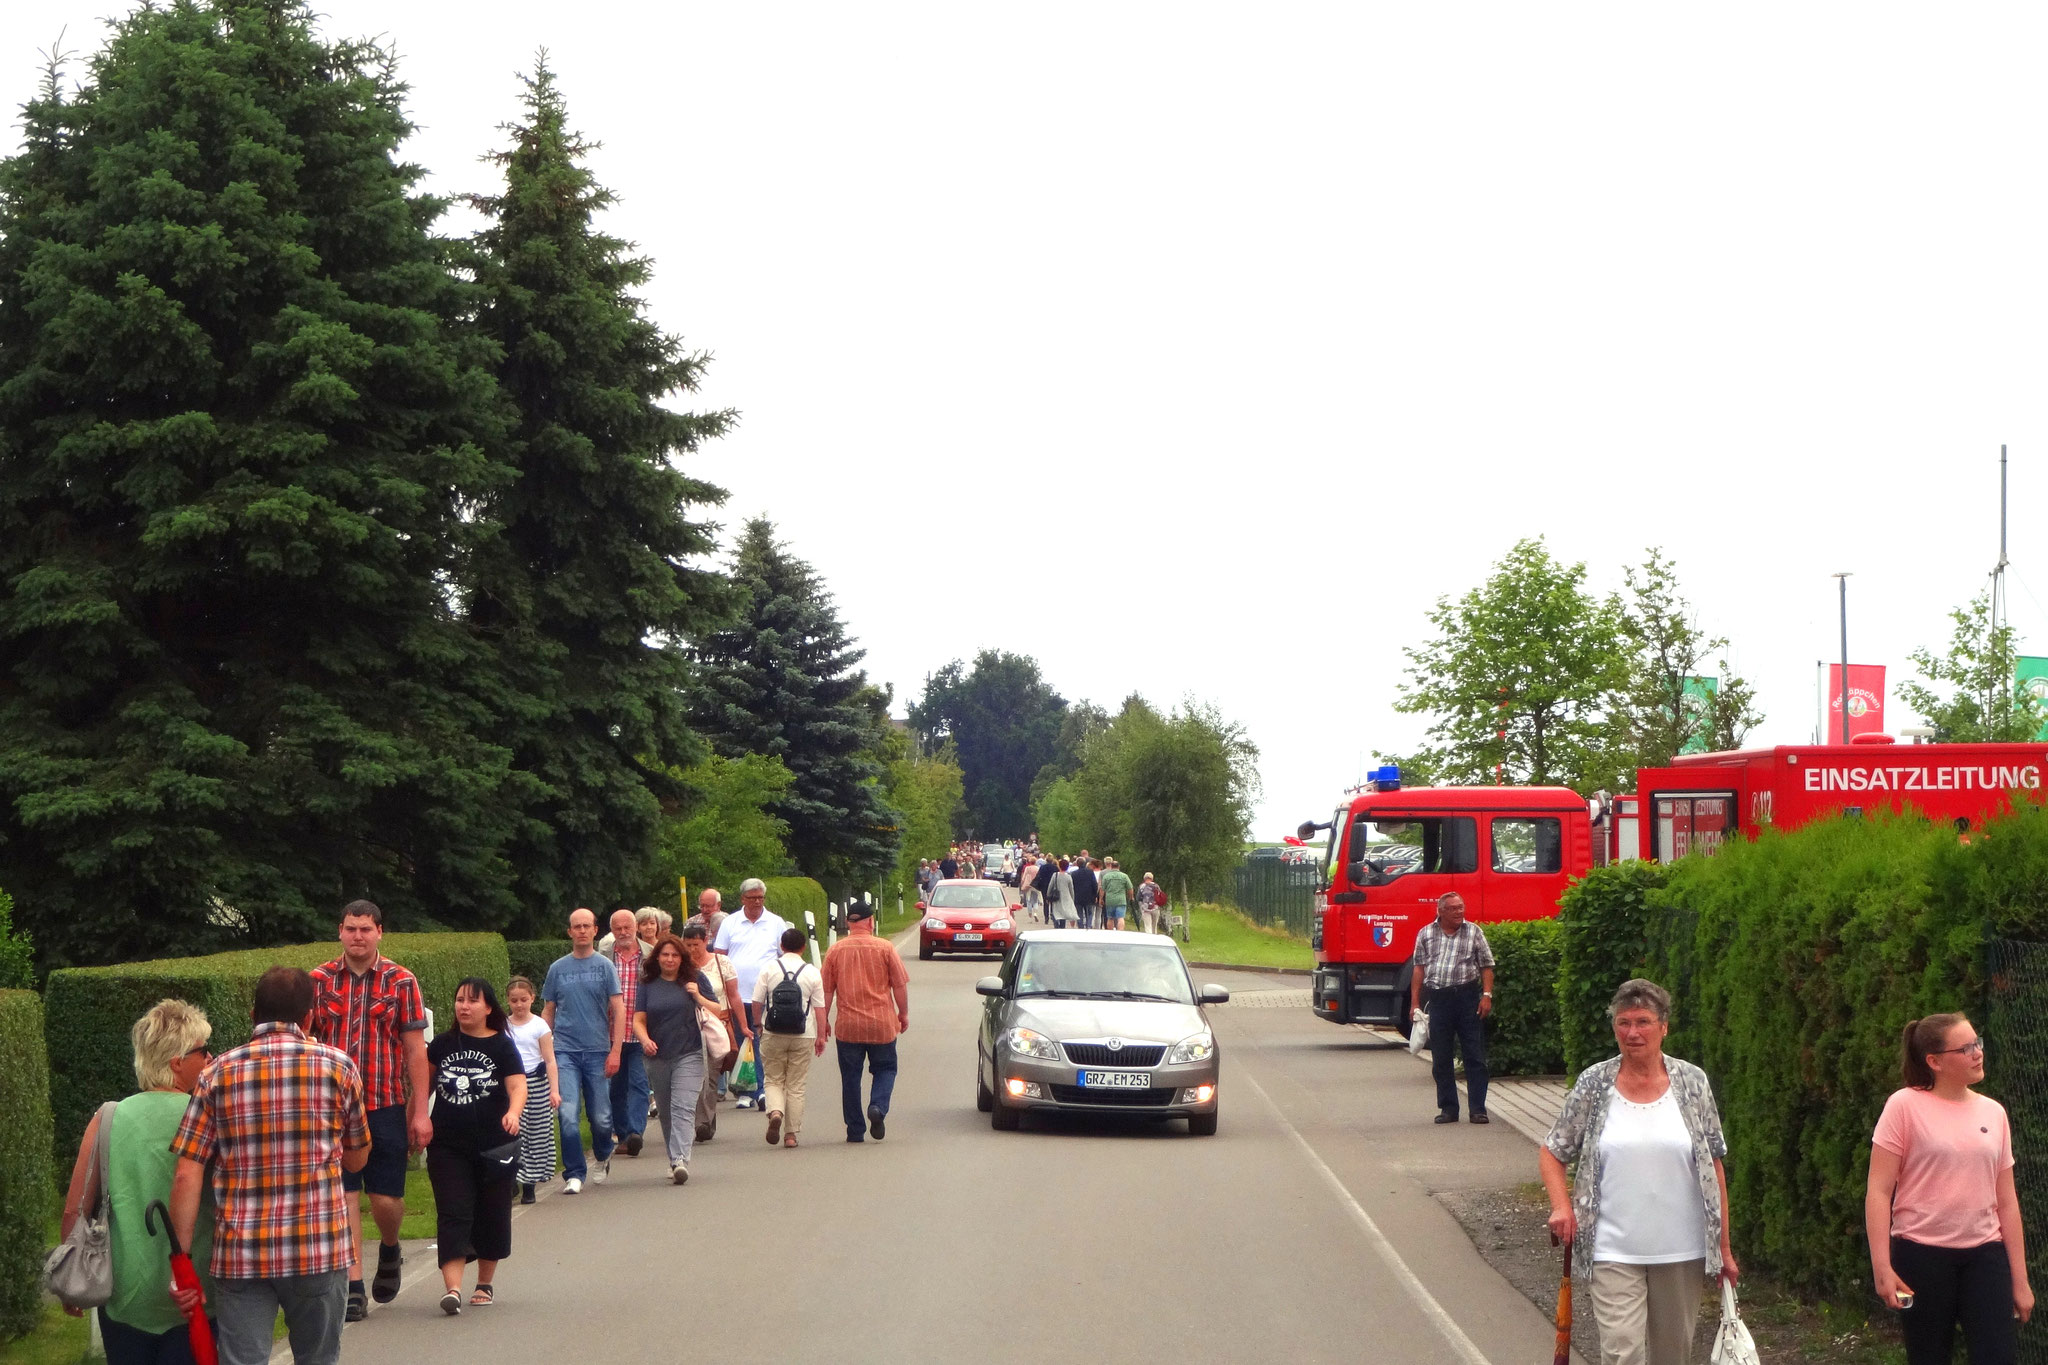 Die Ausfahrt an der Käserei Hartha Bild: Dietmar Nikelat